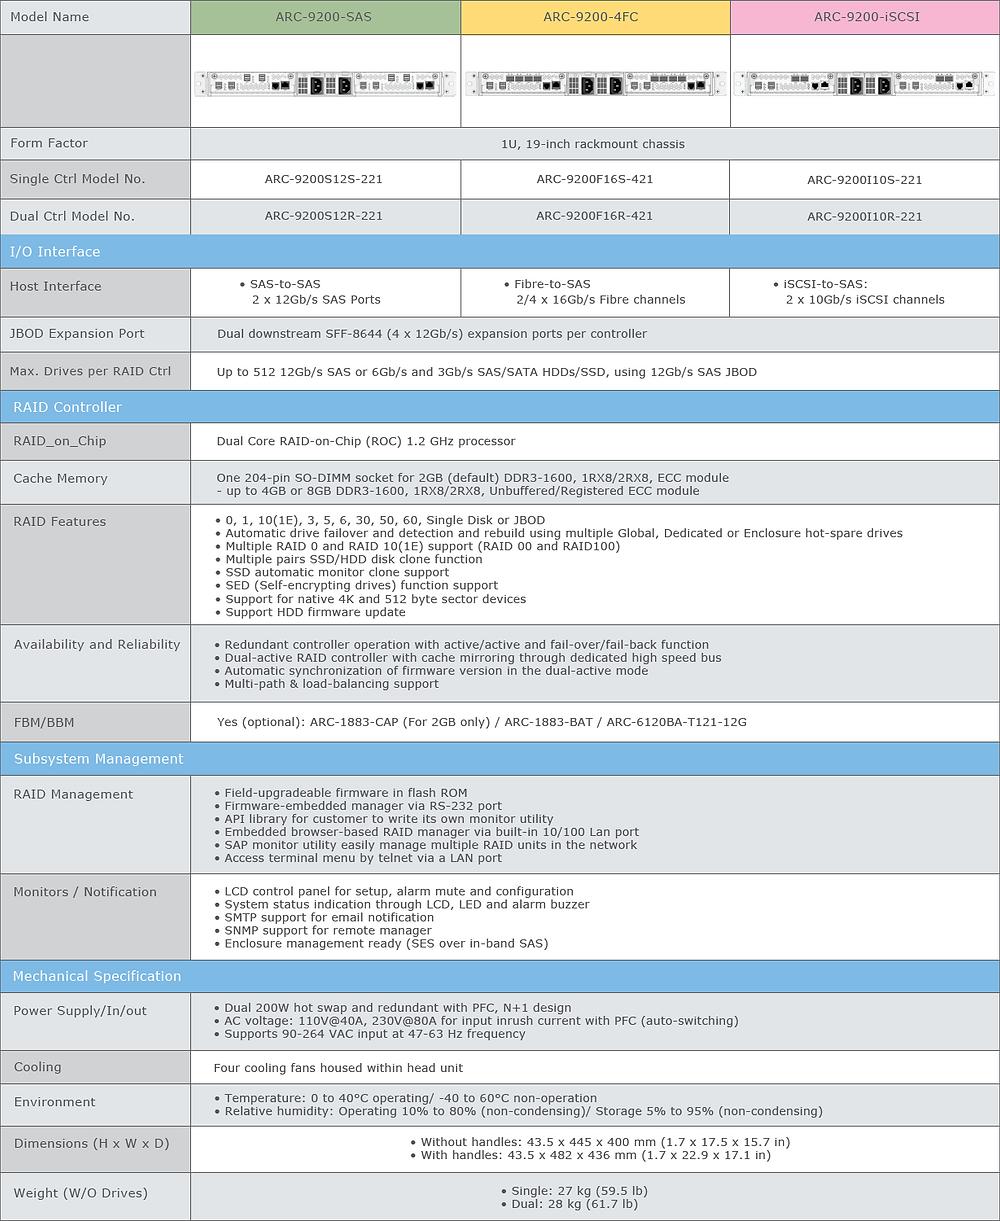 Thông số kỹ thuật của đầu RAID 1U ARC-9200-SAS, ARC-9200-4FC và ARC-9200-iSCSI.